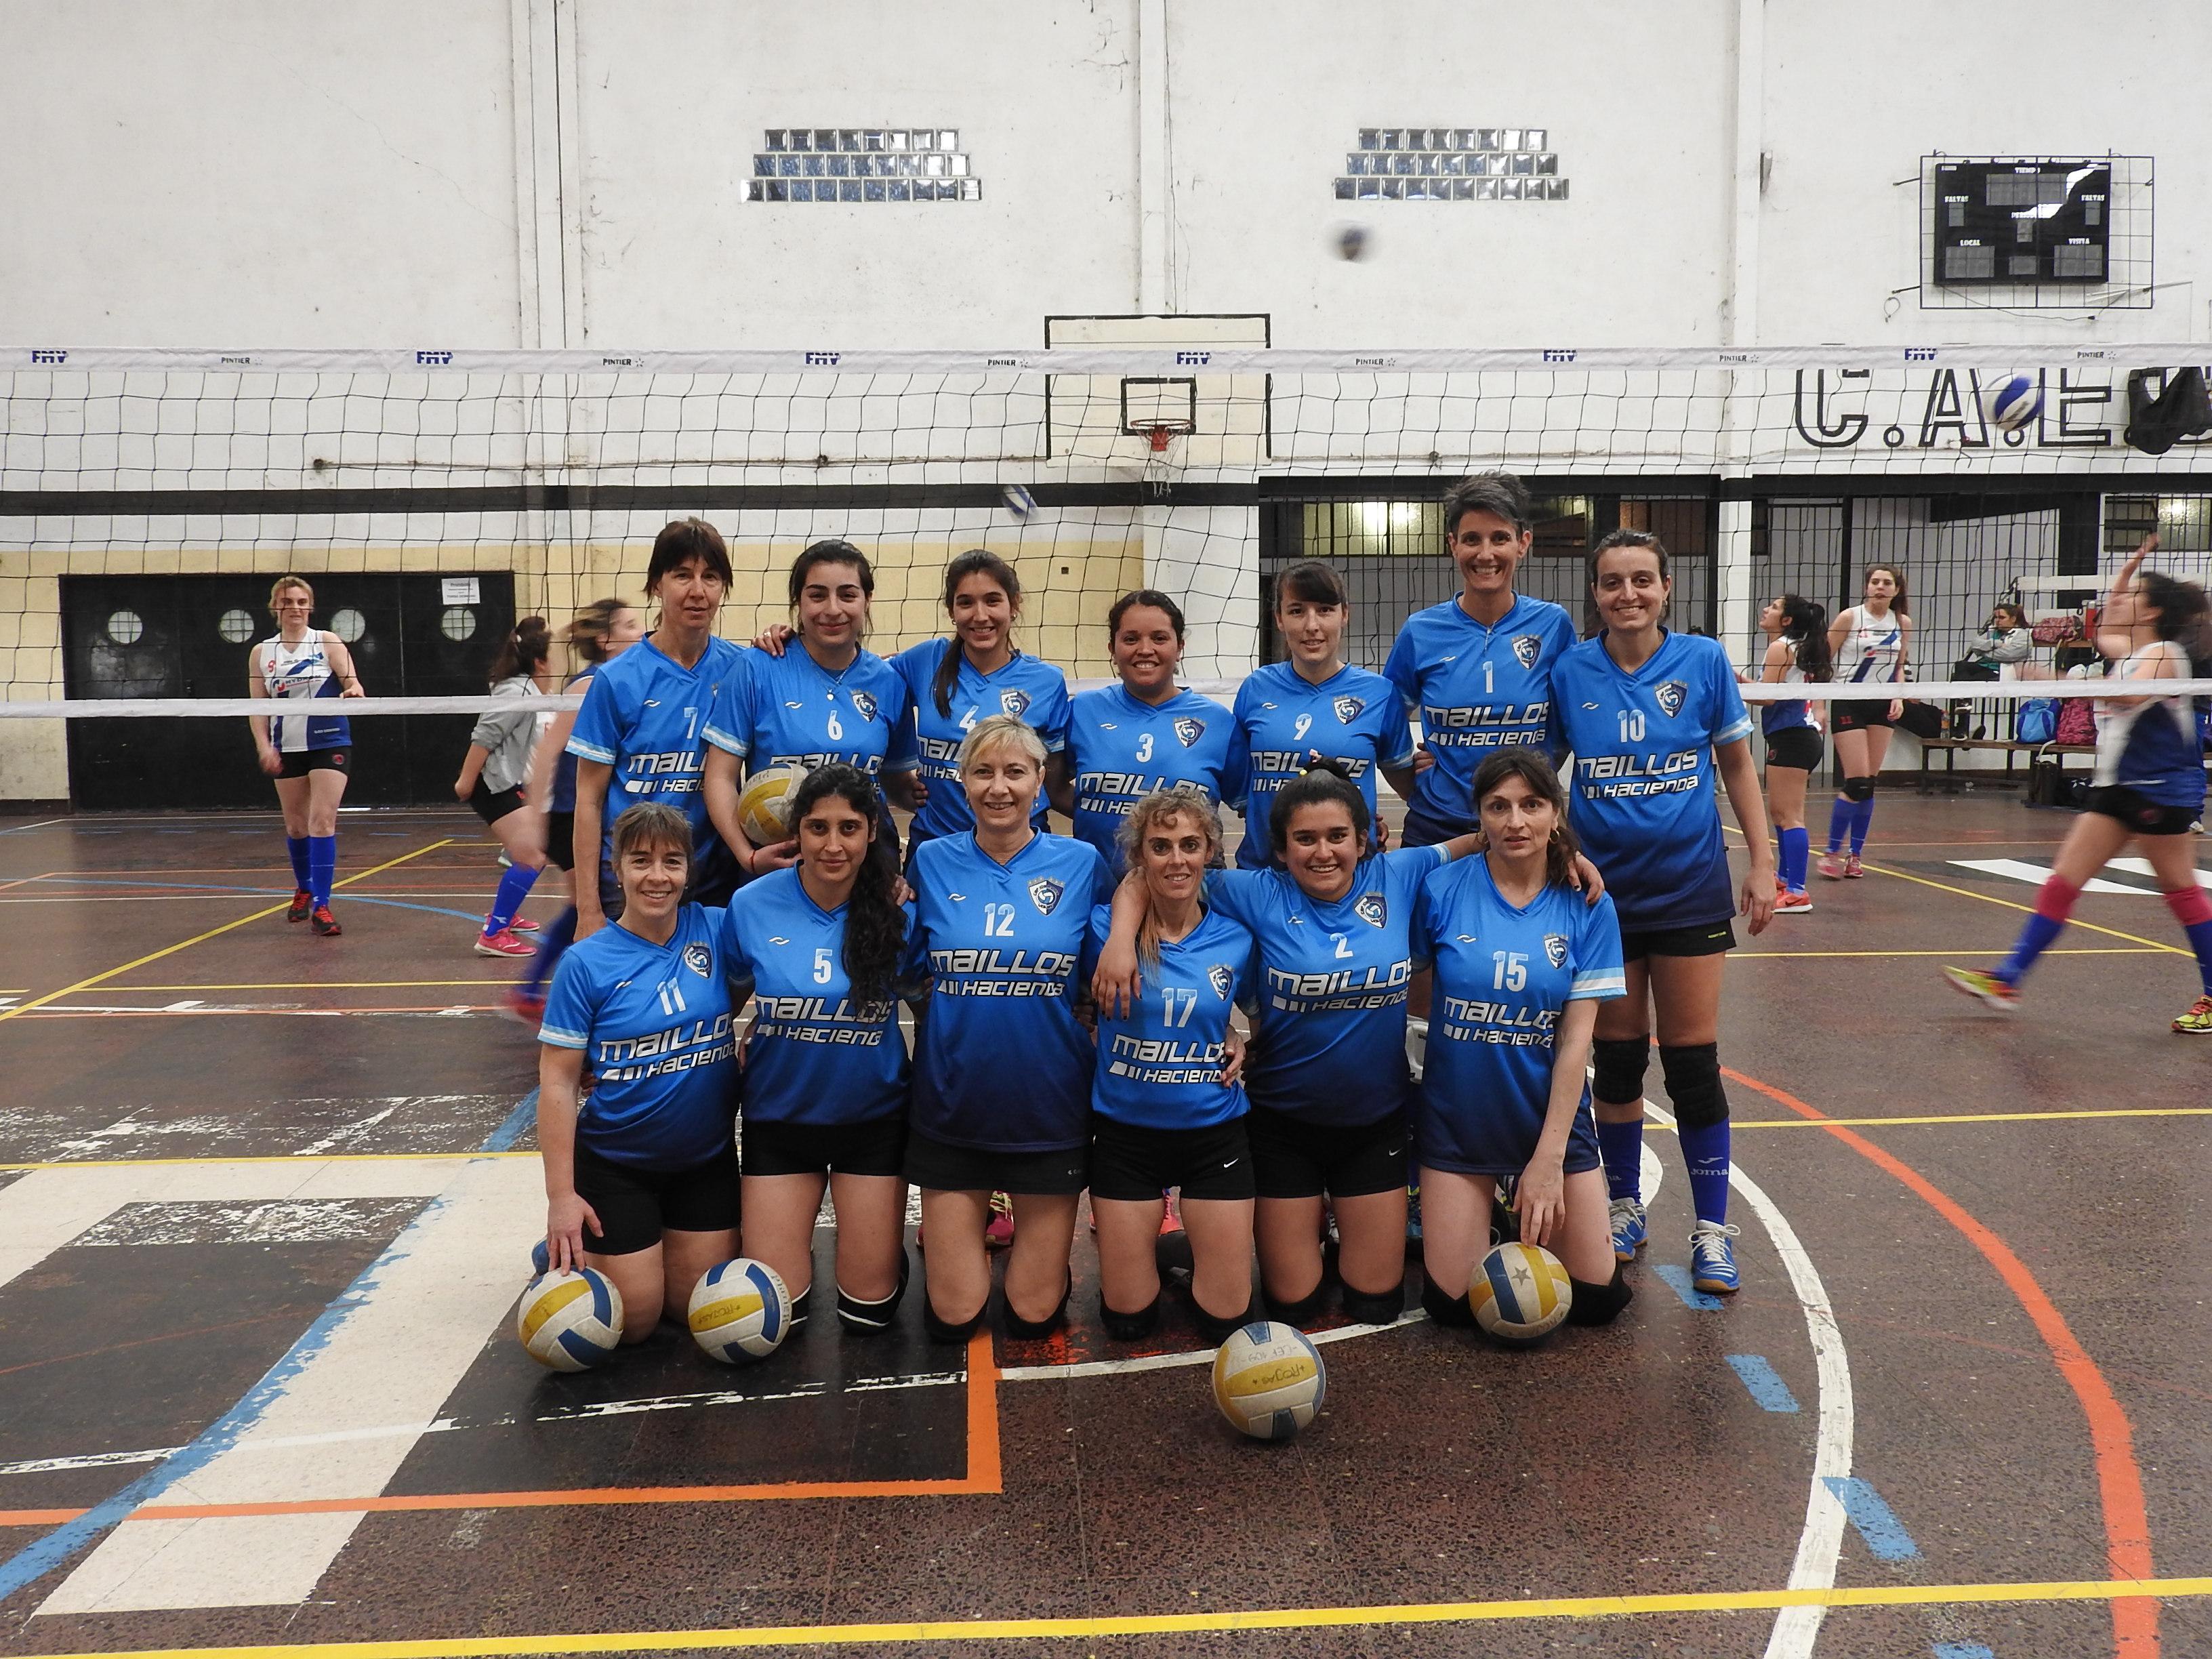 A lo largo de la jornada de domingo, se disputó en la ciudad de Pehuajó la sexta fecha de la Liga Regional de Vóley, correspondiente a la etapa grupal de tal certamen.